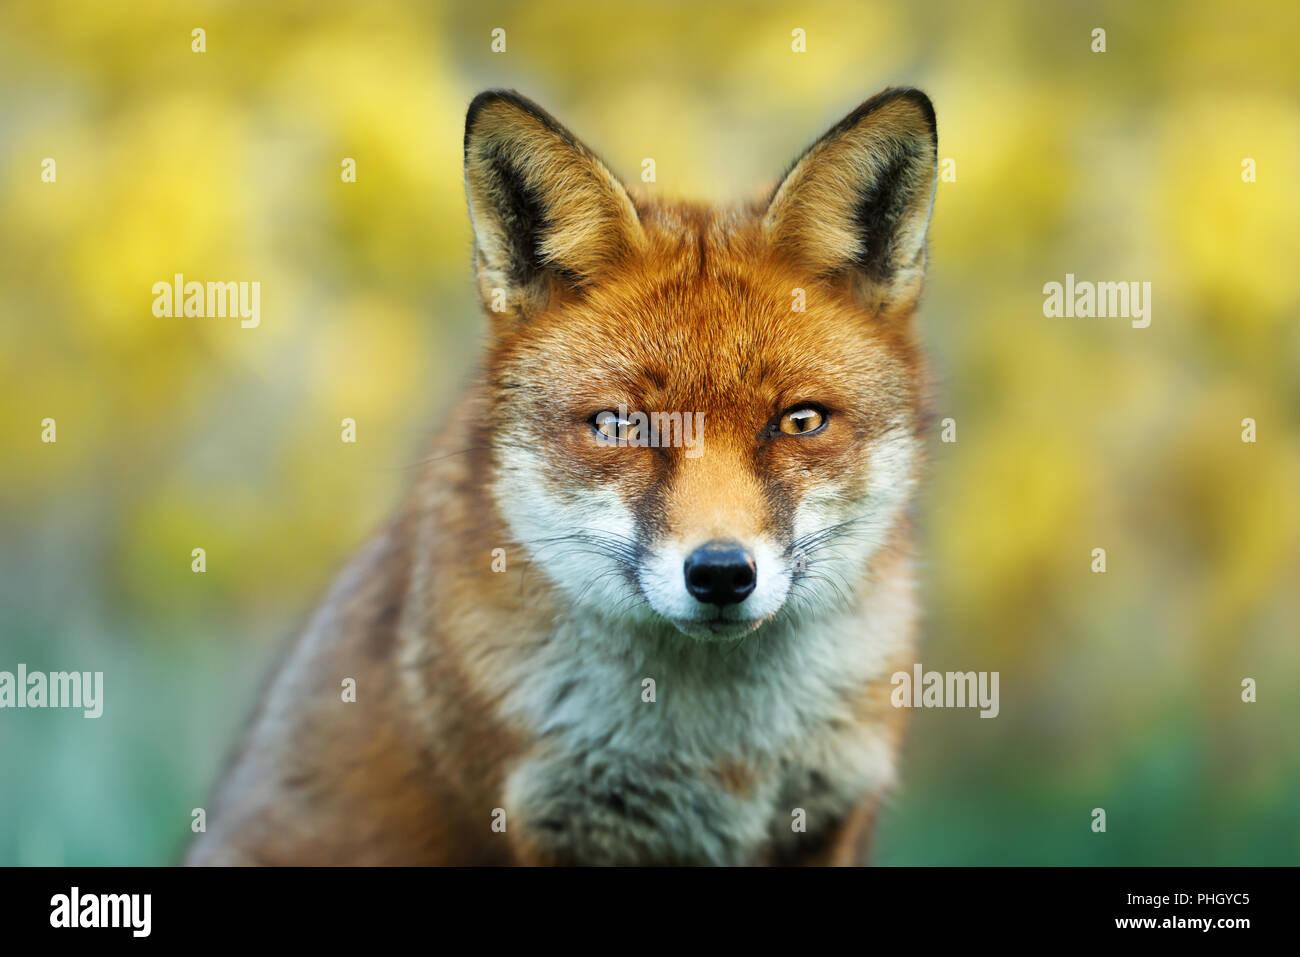 Cierre de un zorro rojo contra un fondo de color amarillo, Reino Unido. Imagen De Stock